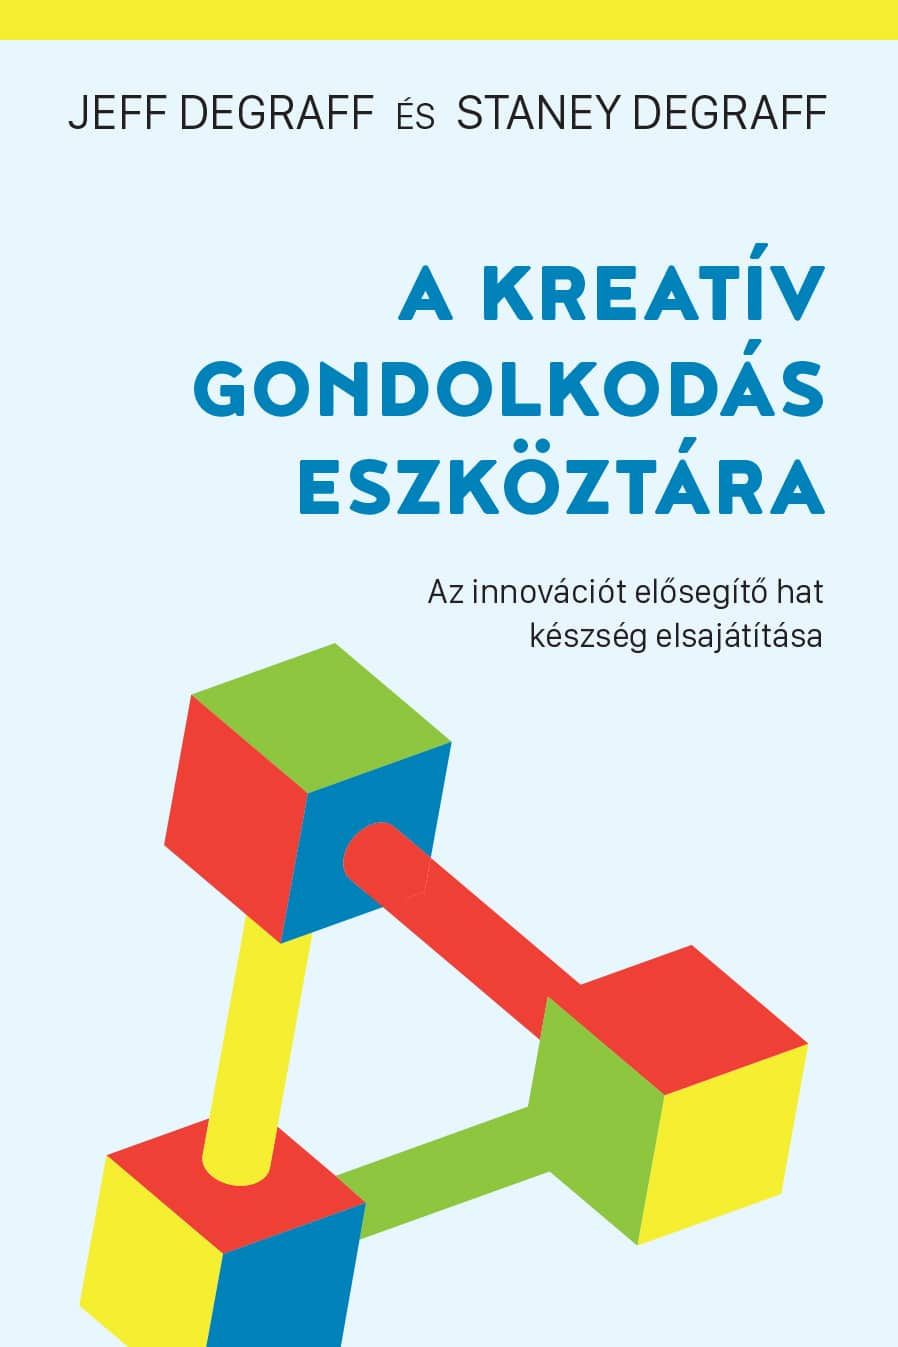 A kreatív gondolkodás eszköztára